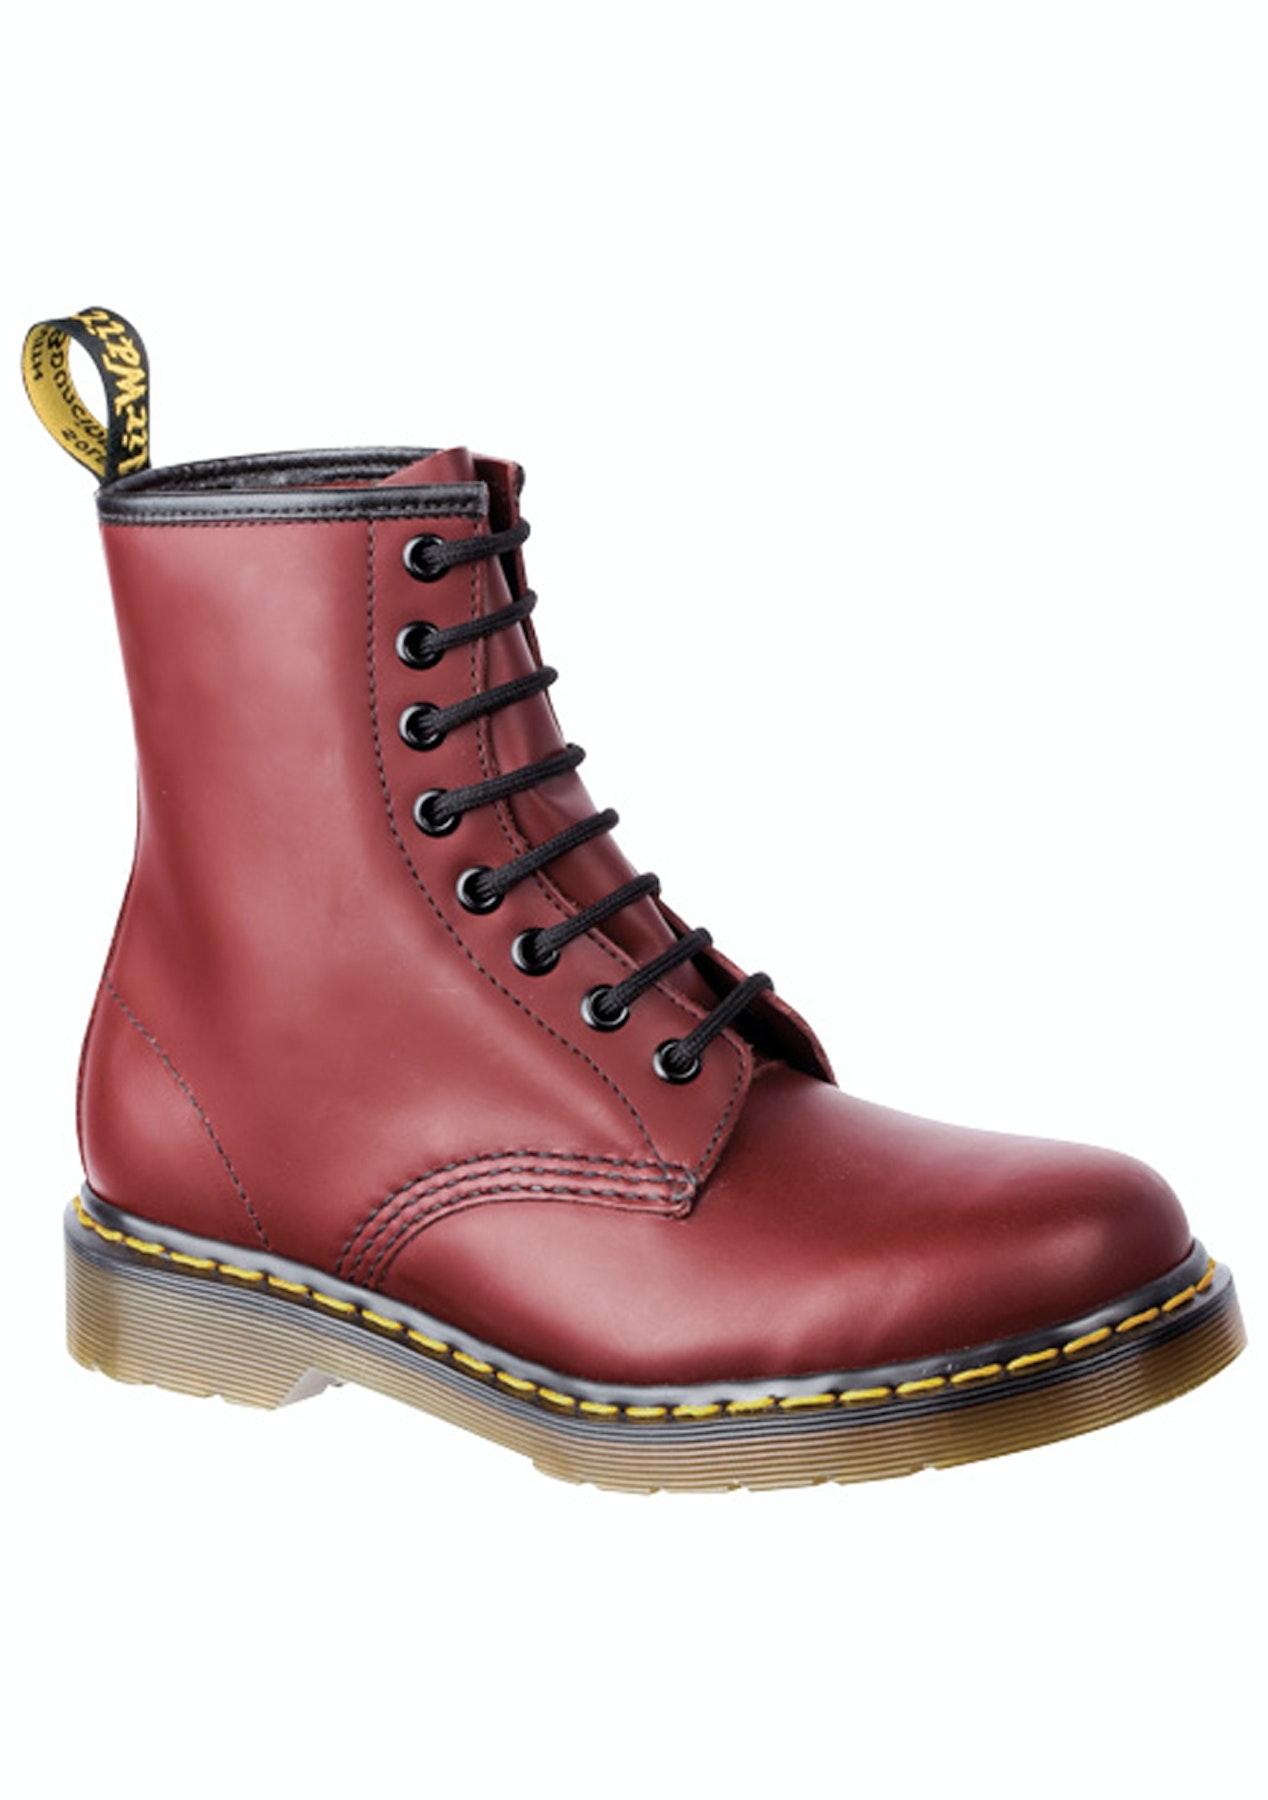 Dr Martens - 1460 8Up - Cherry - Final Few  Shoes   Bags - Onceit c7d3484dfa7